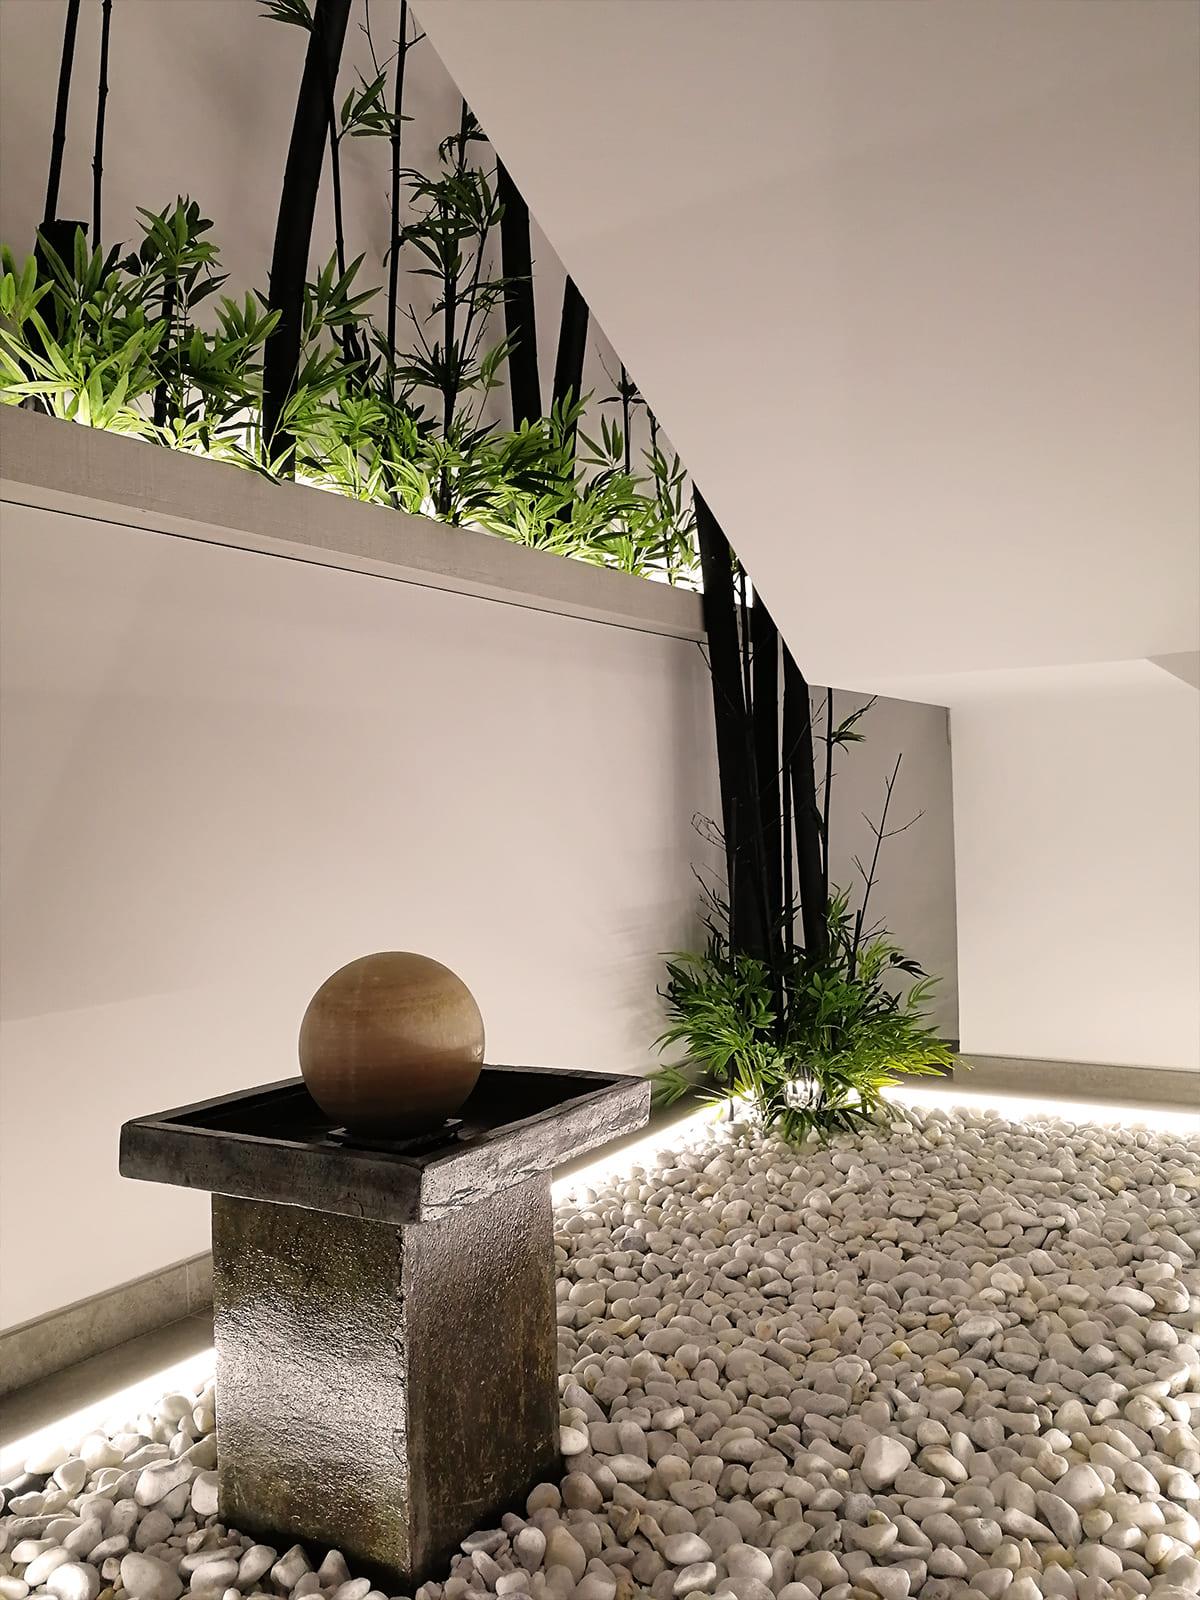 diseño-interiores-entrada-vivienda-escalera-bambu-JM-04_HIDROJARDIN-Bañeres